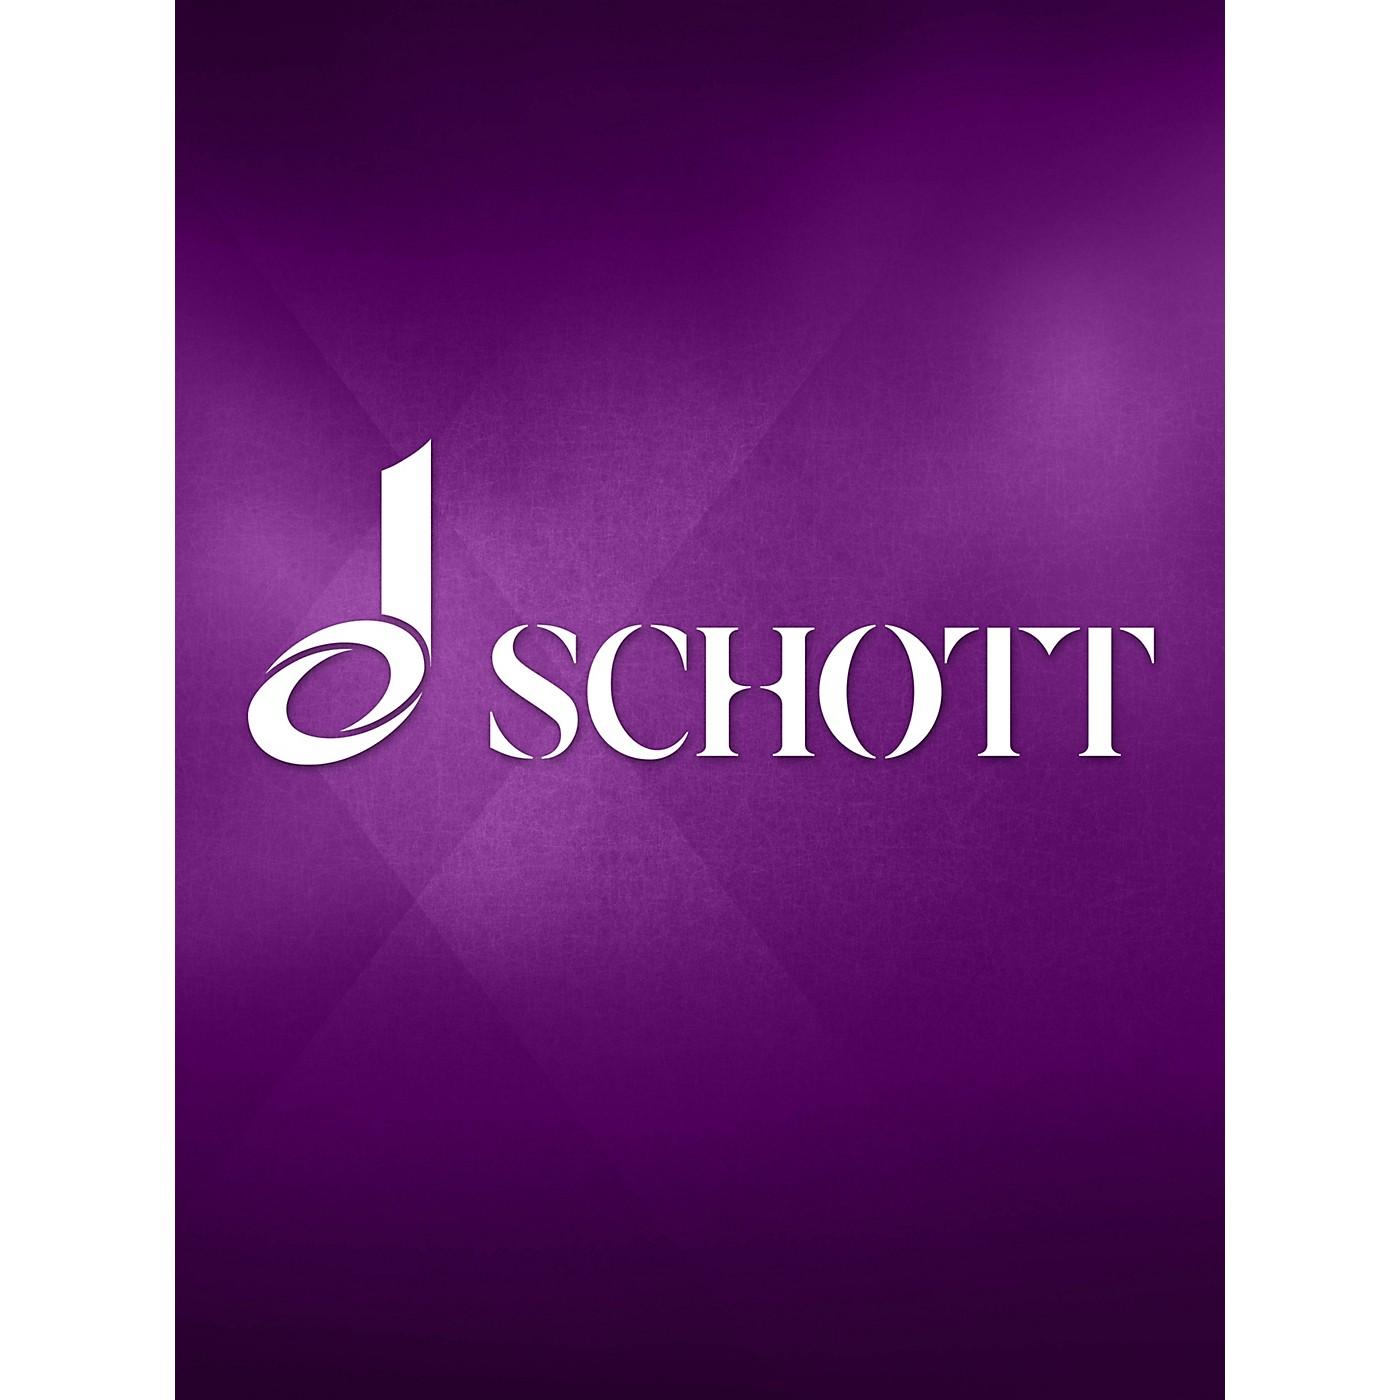 Schott Music (Viola Part) Schott Series Composed by Michael Tippett thumbnail